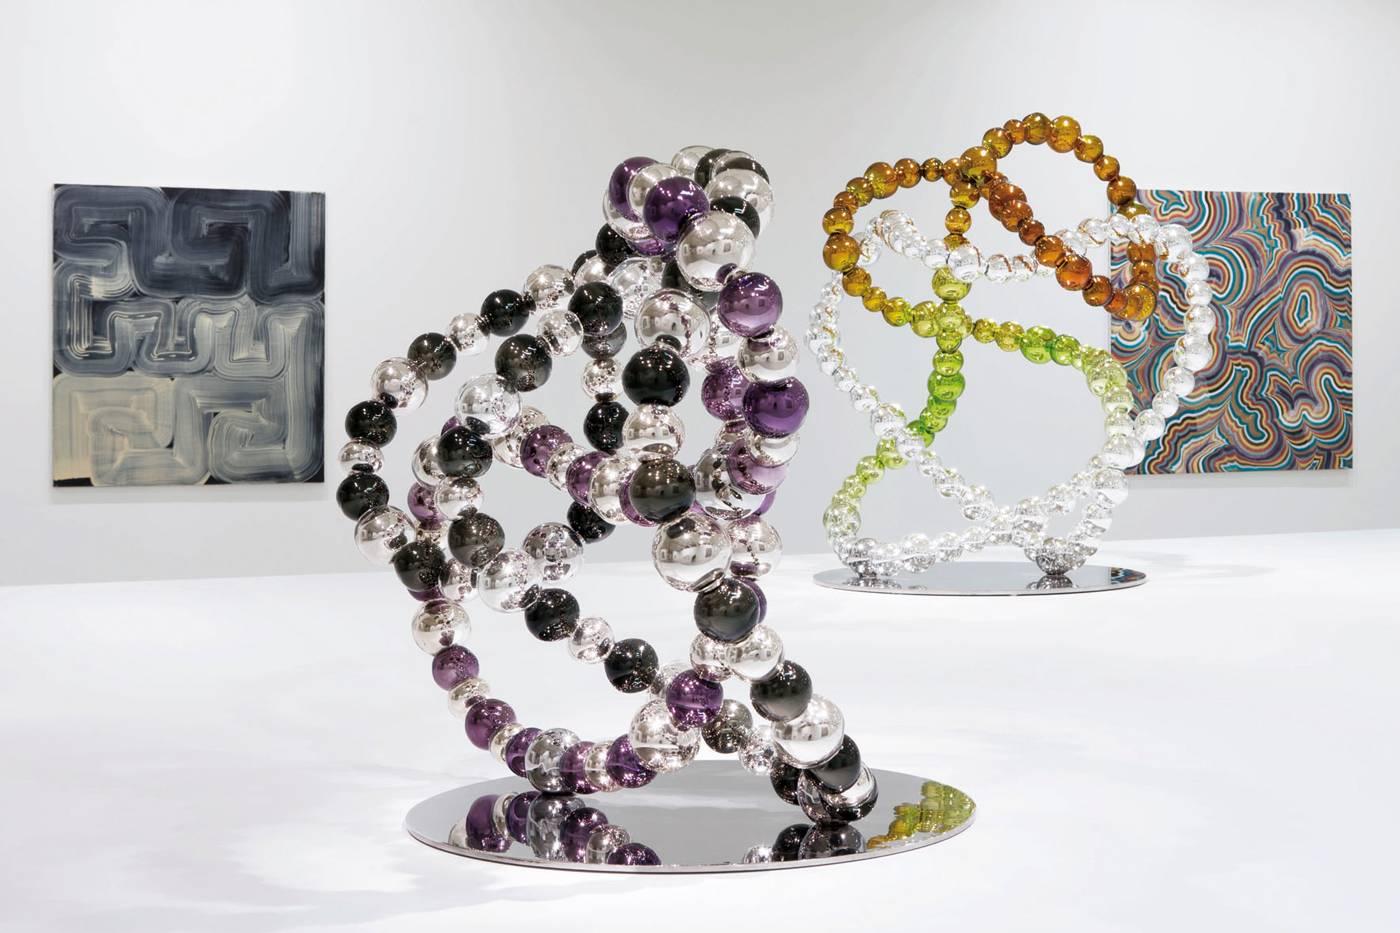 Dans la première salle de l'exposition du Tripostal, les sculptures de verre coloré de Jean-Michel Othoniel entourées des peintures de Bernard Frize.